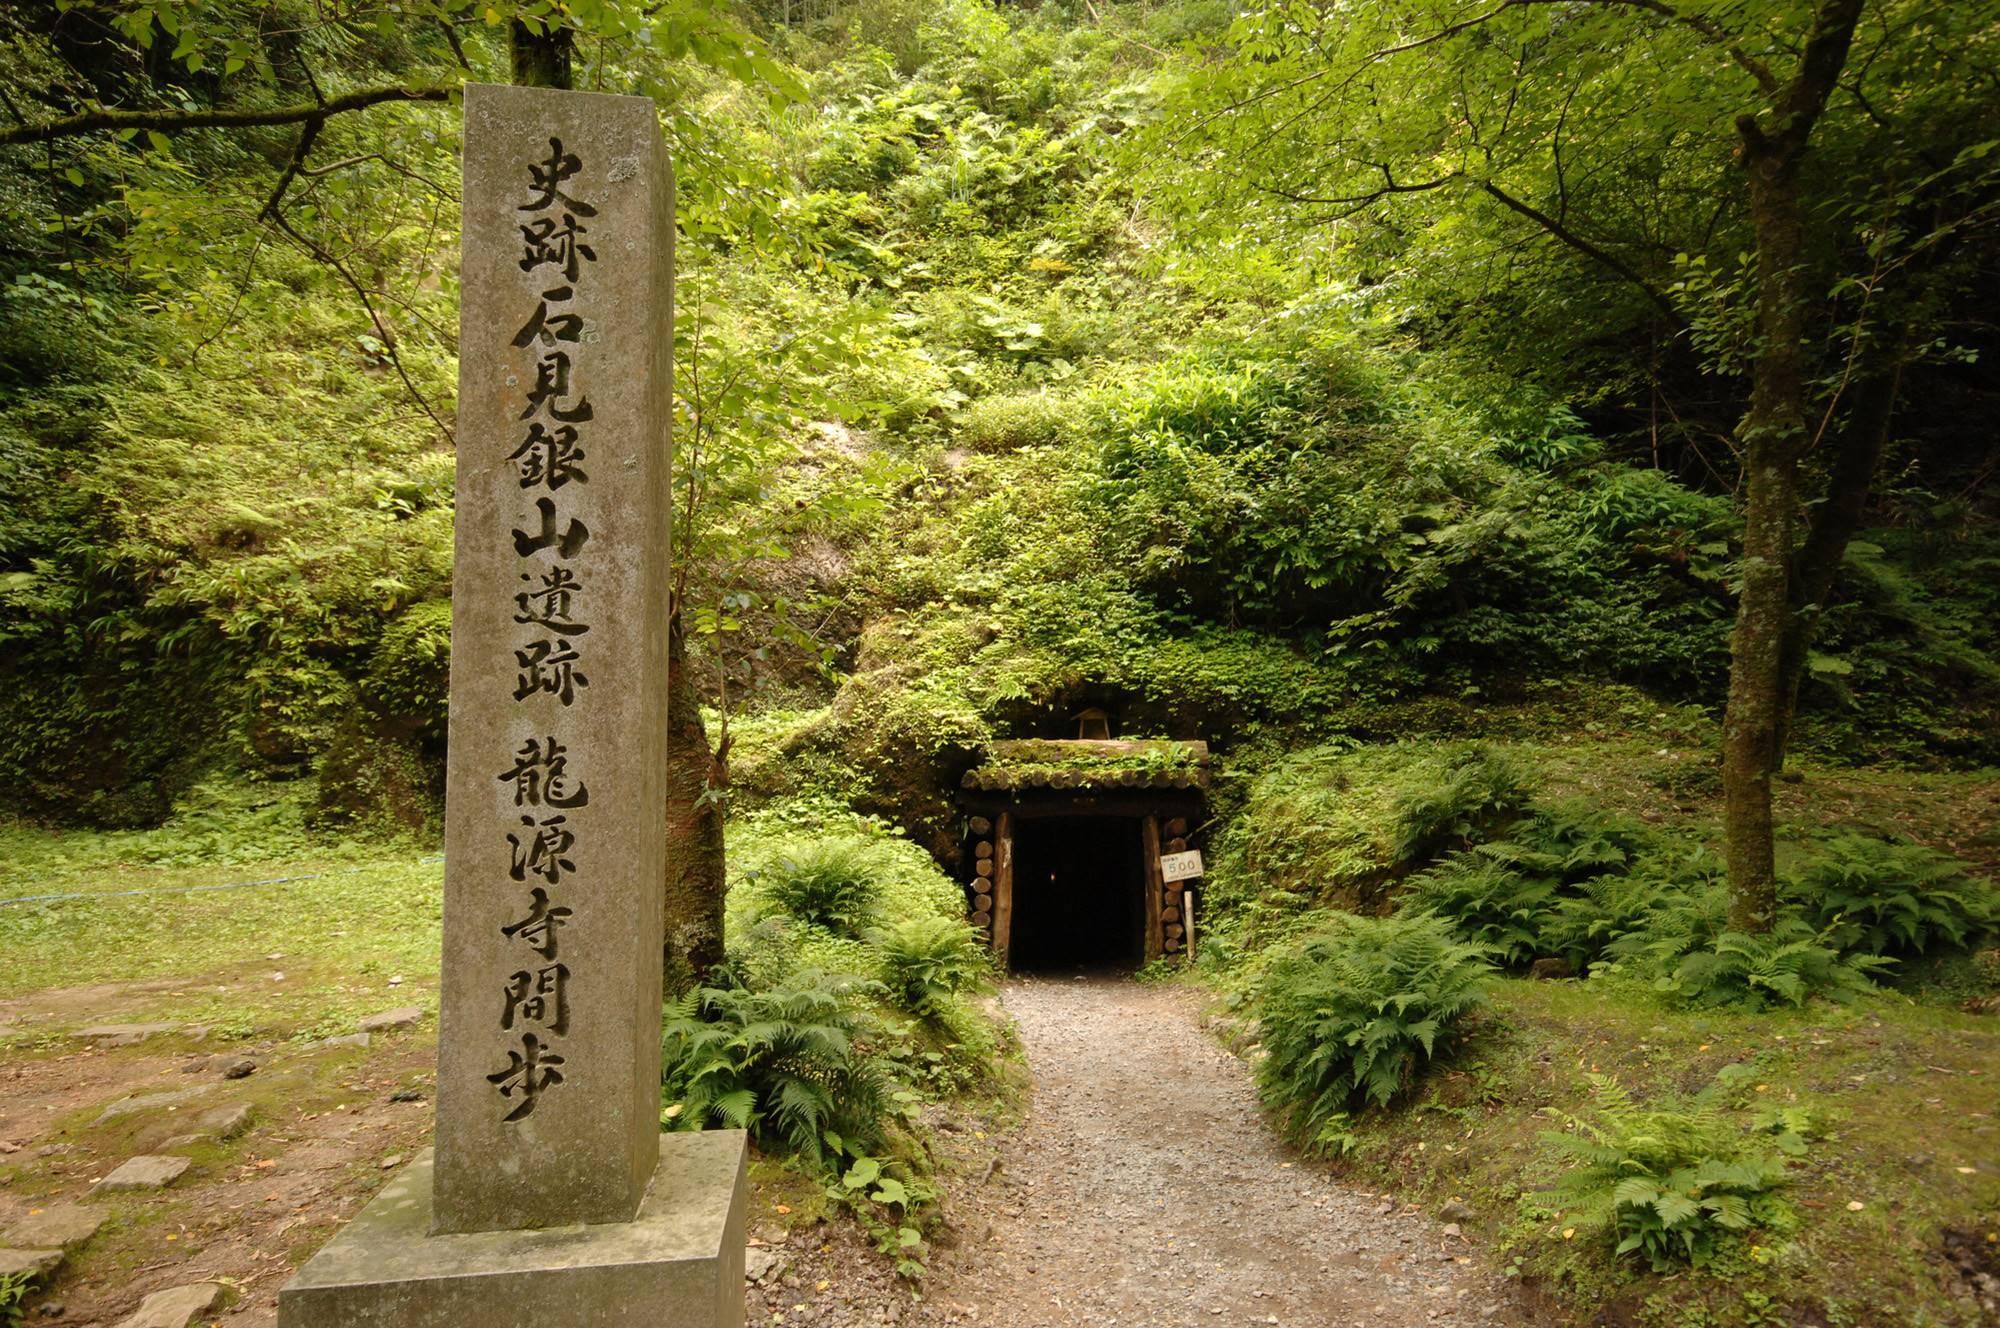 石見銀山遺跡とその文化的景観(...